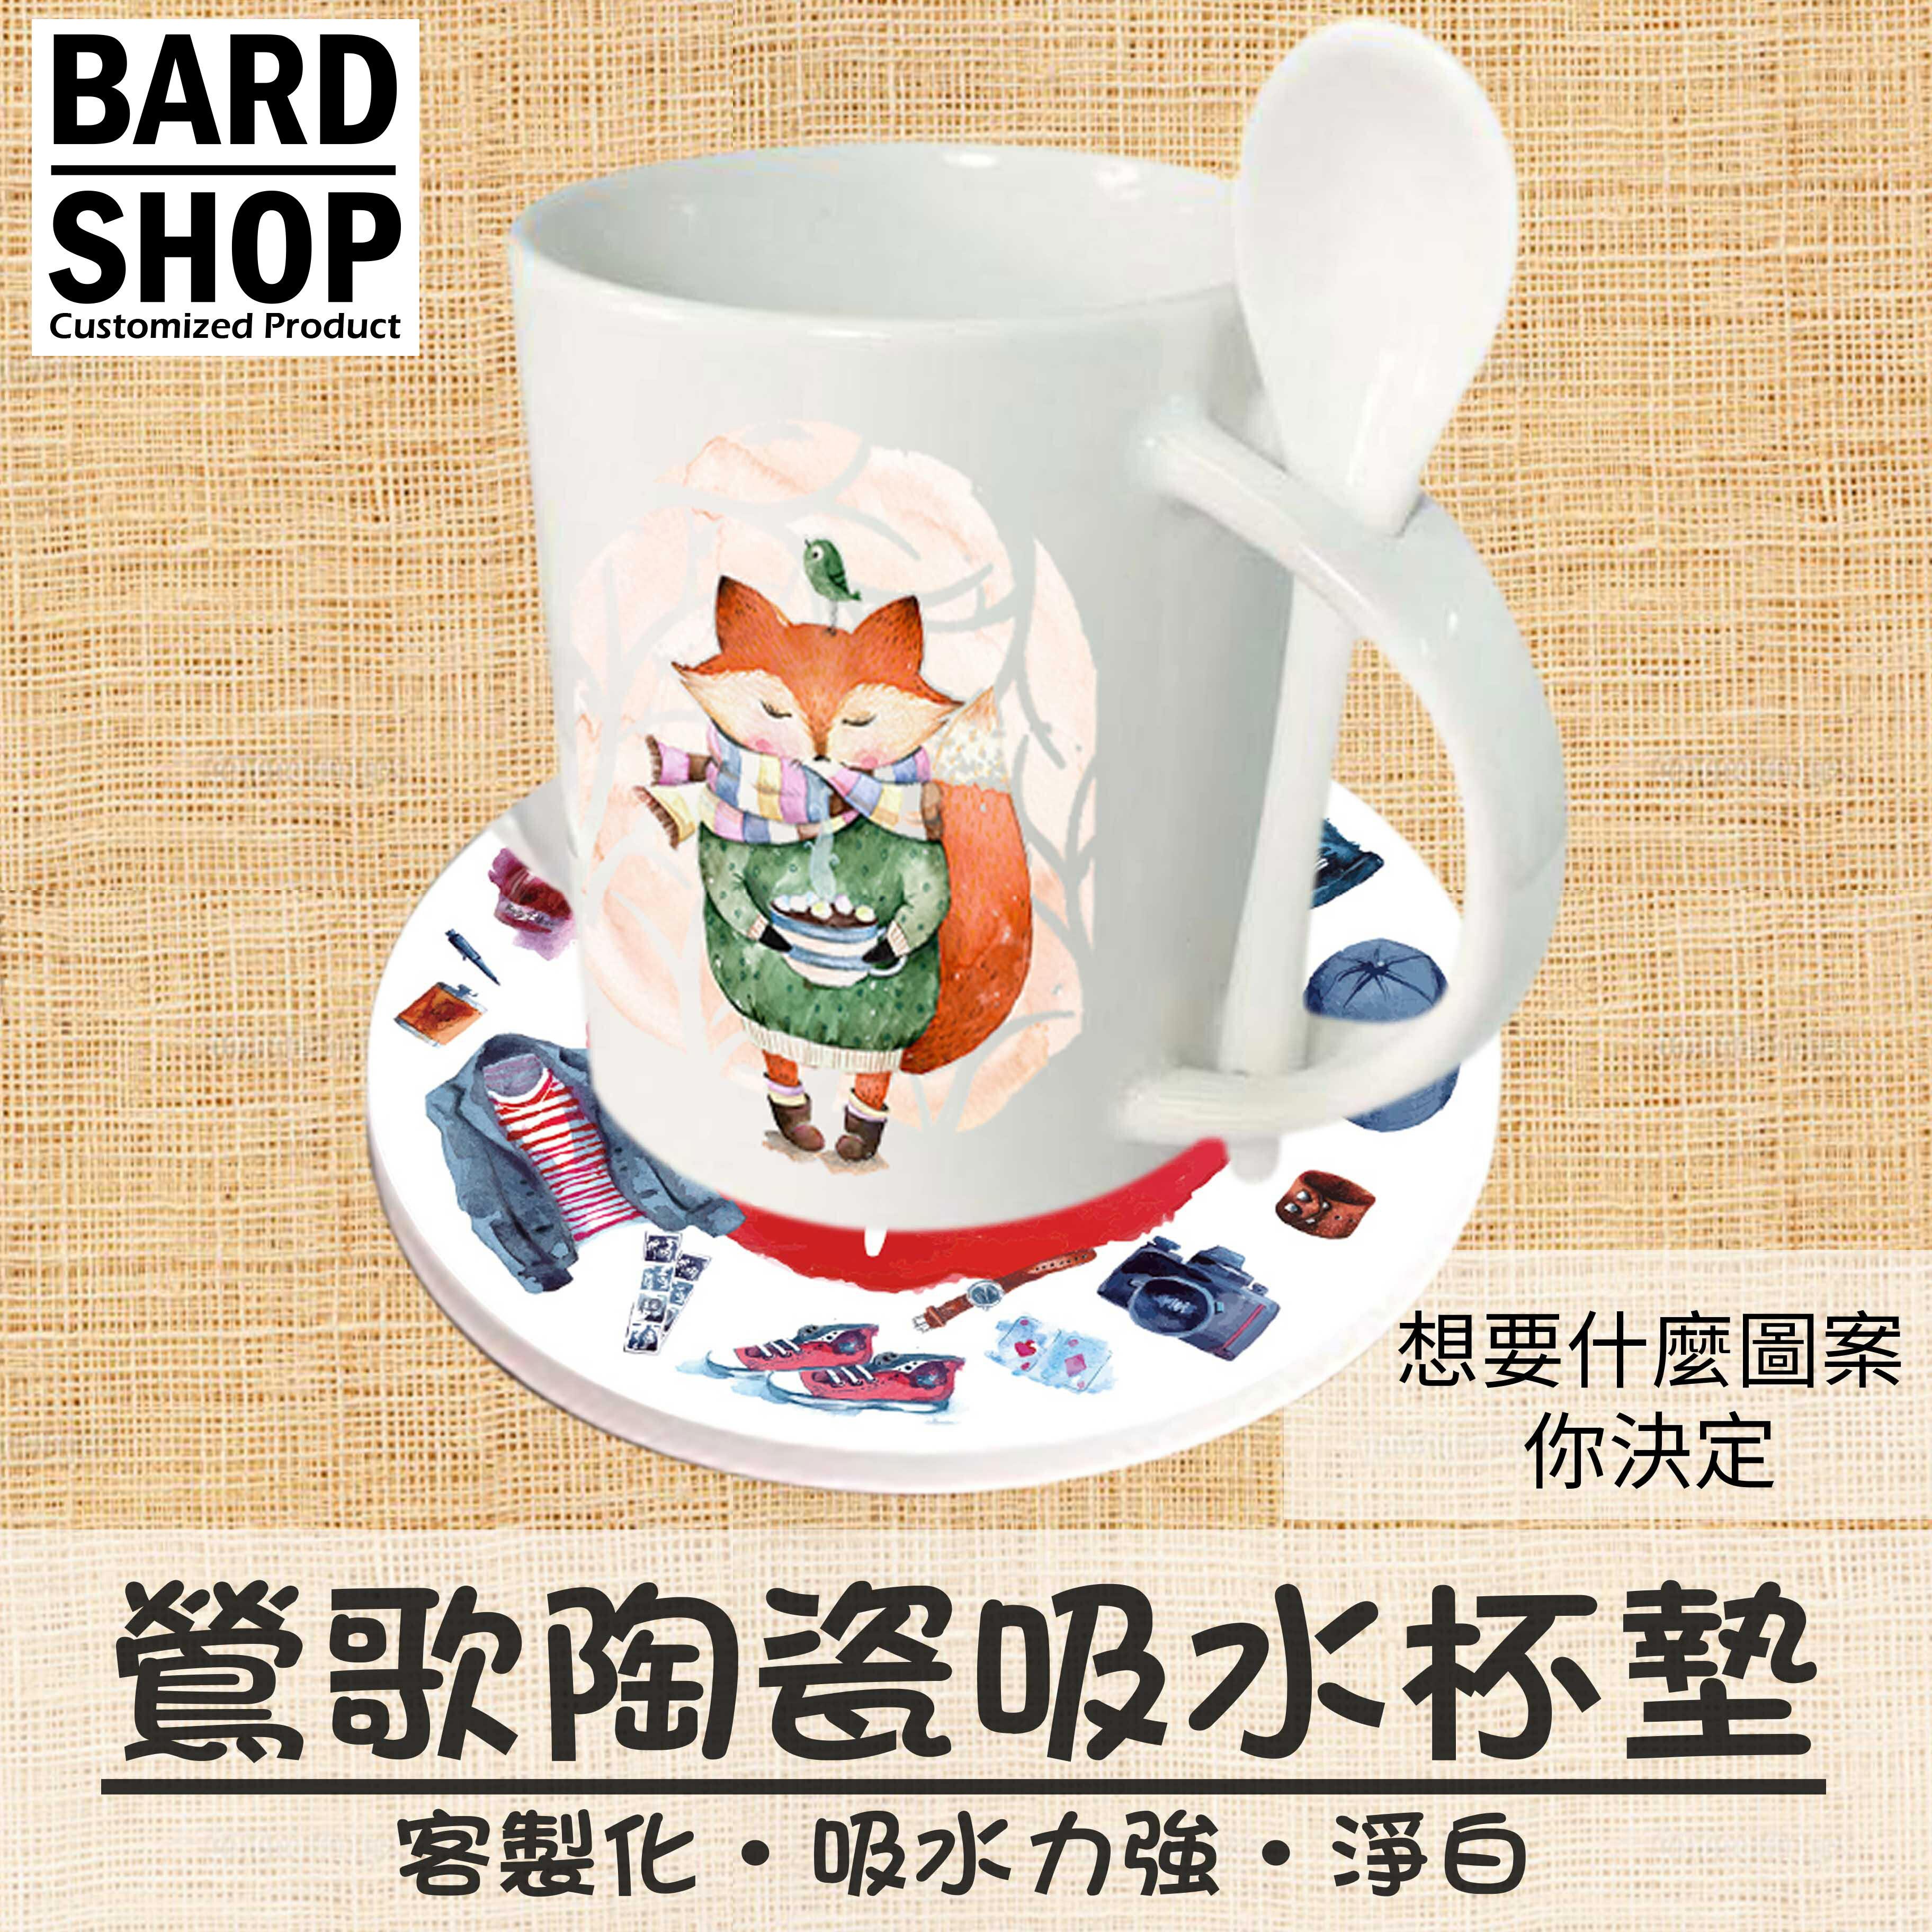 [客製化圖案]鶯歌淨白胚 陶瓷吸水杯墊 工廠直營/送禮/自用/生日/訂做/客製化 1